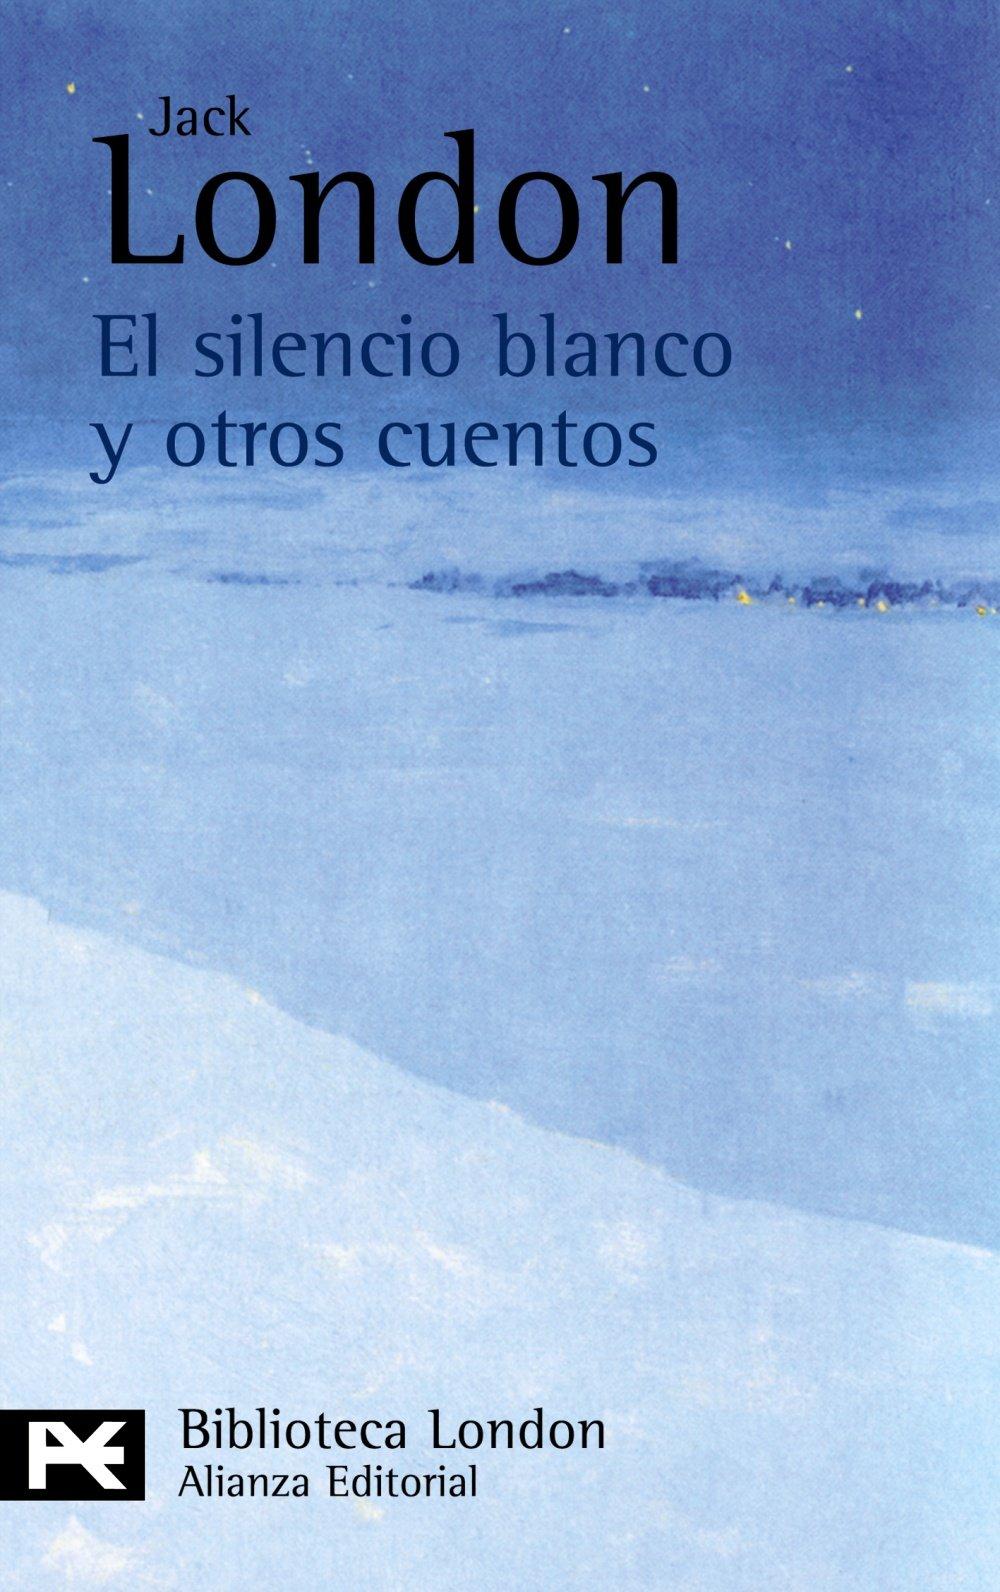 El silencio blanco y otros cuentos (El Libro De Bolsillo - Bibliotecas De Autor - Biblioteca London) Tapa blanda – 1 sep 2008 Jack London Carmen Criado Fernández Alianza 8420665541